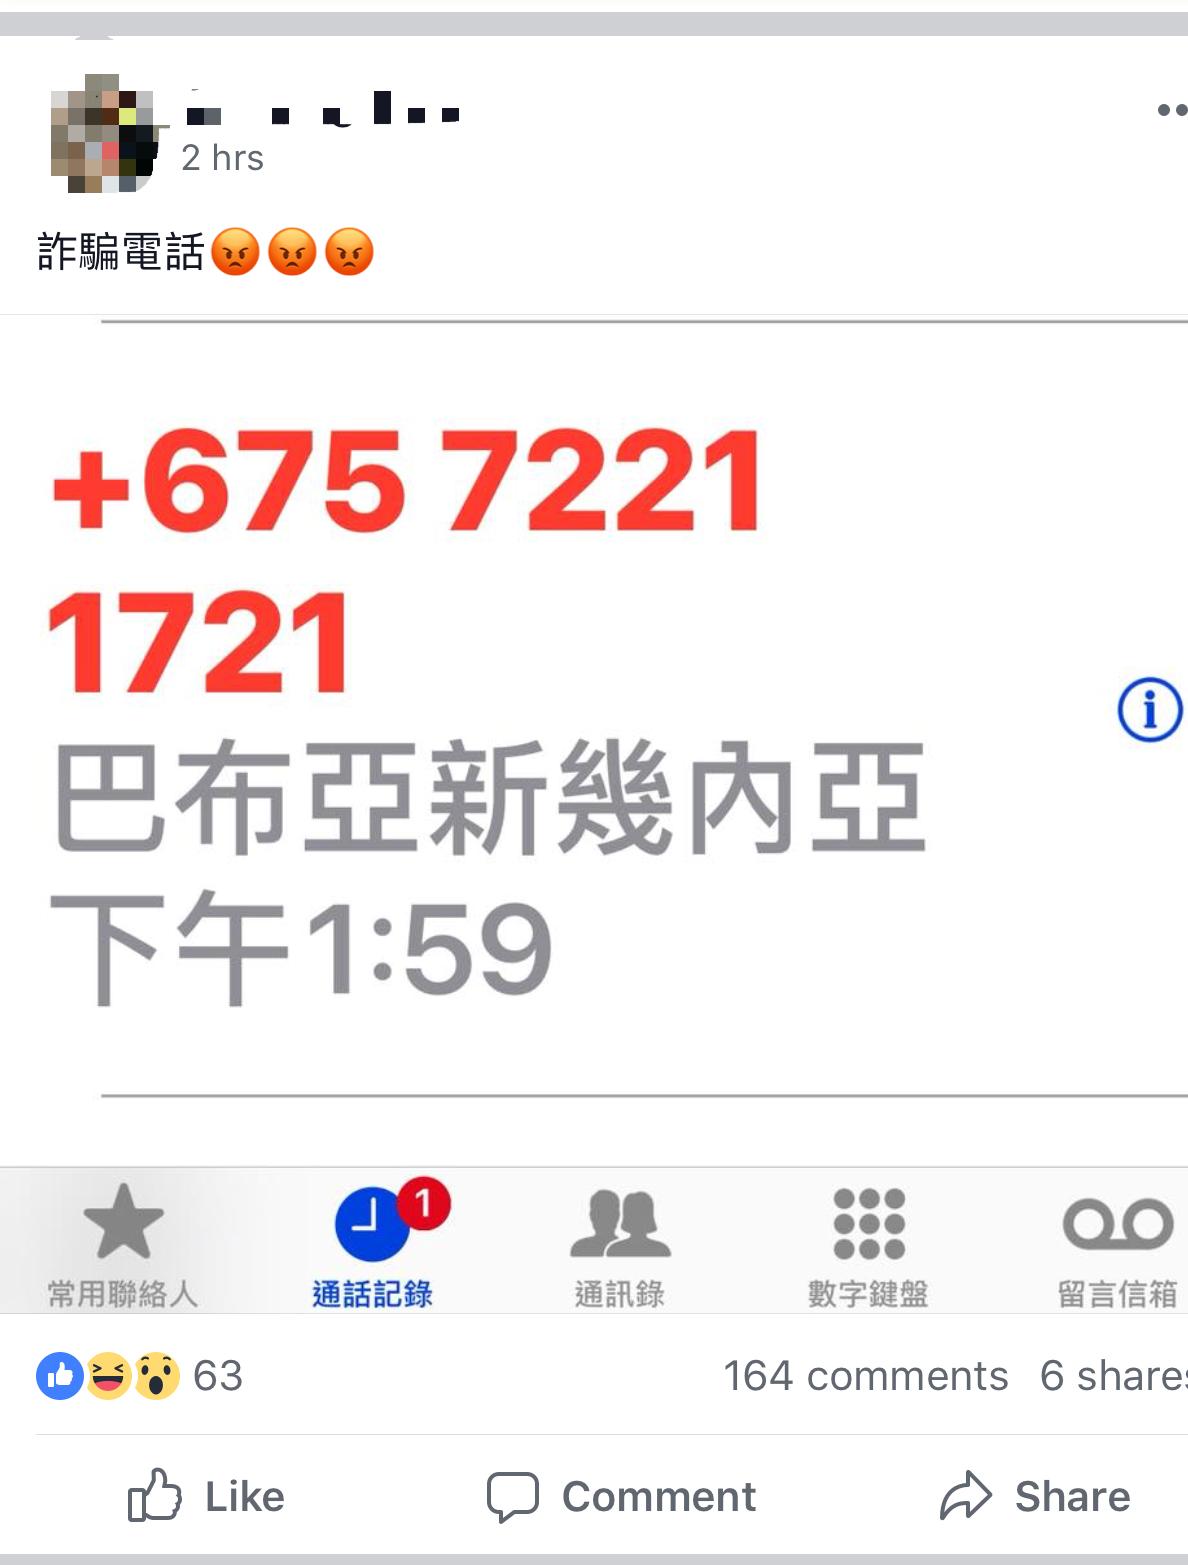 司警:疑涉電騙 小心提防!